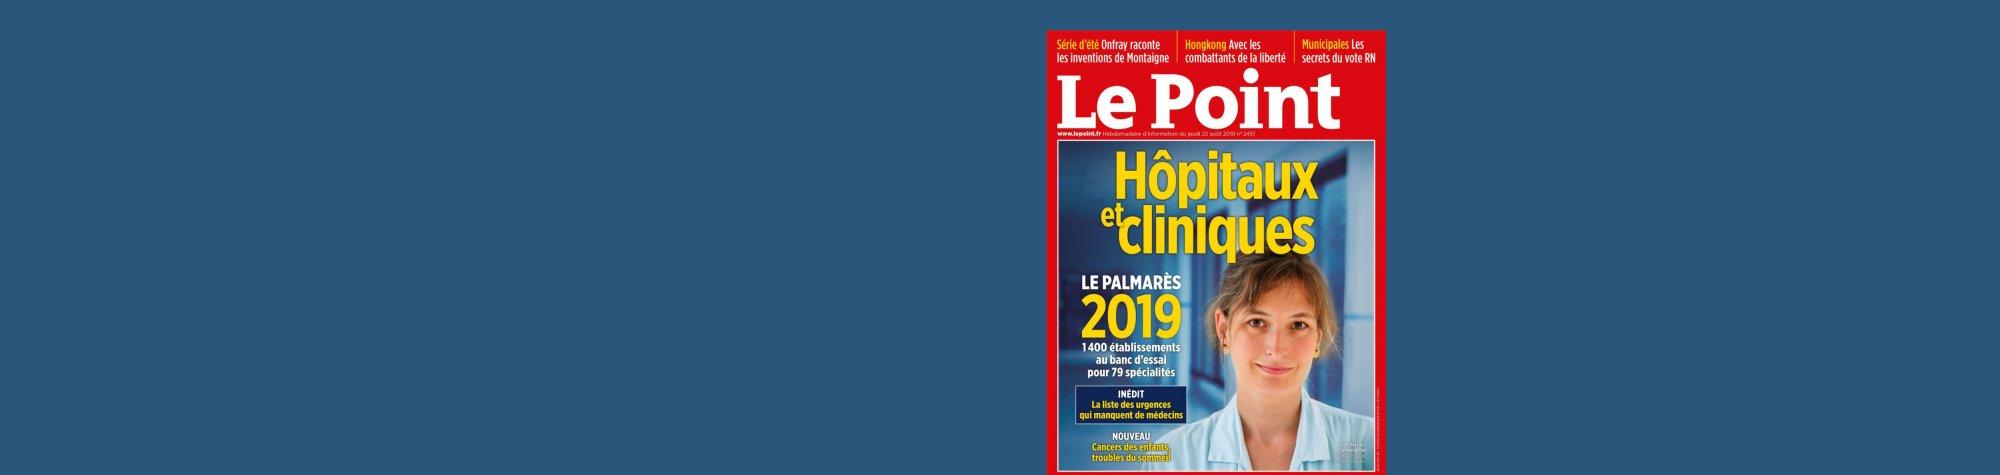 Magazine Le Point : Le CHR bien classé au palmarès des hôpitaux et cliniques